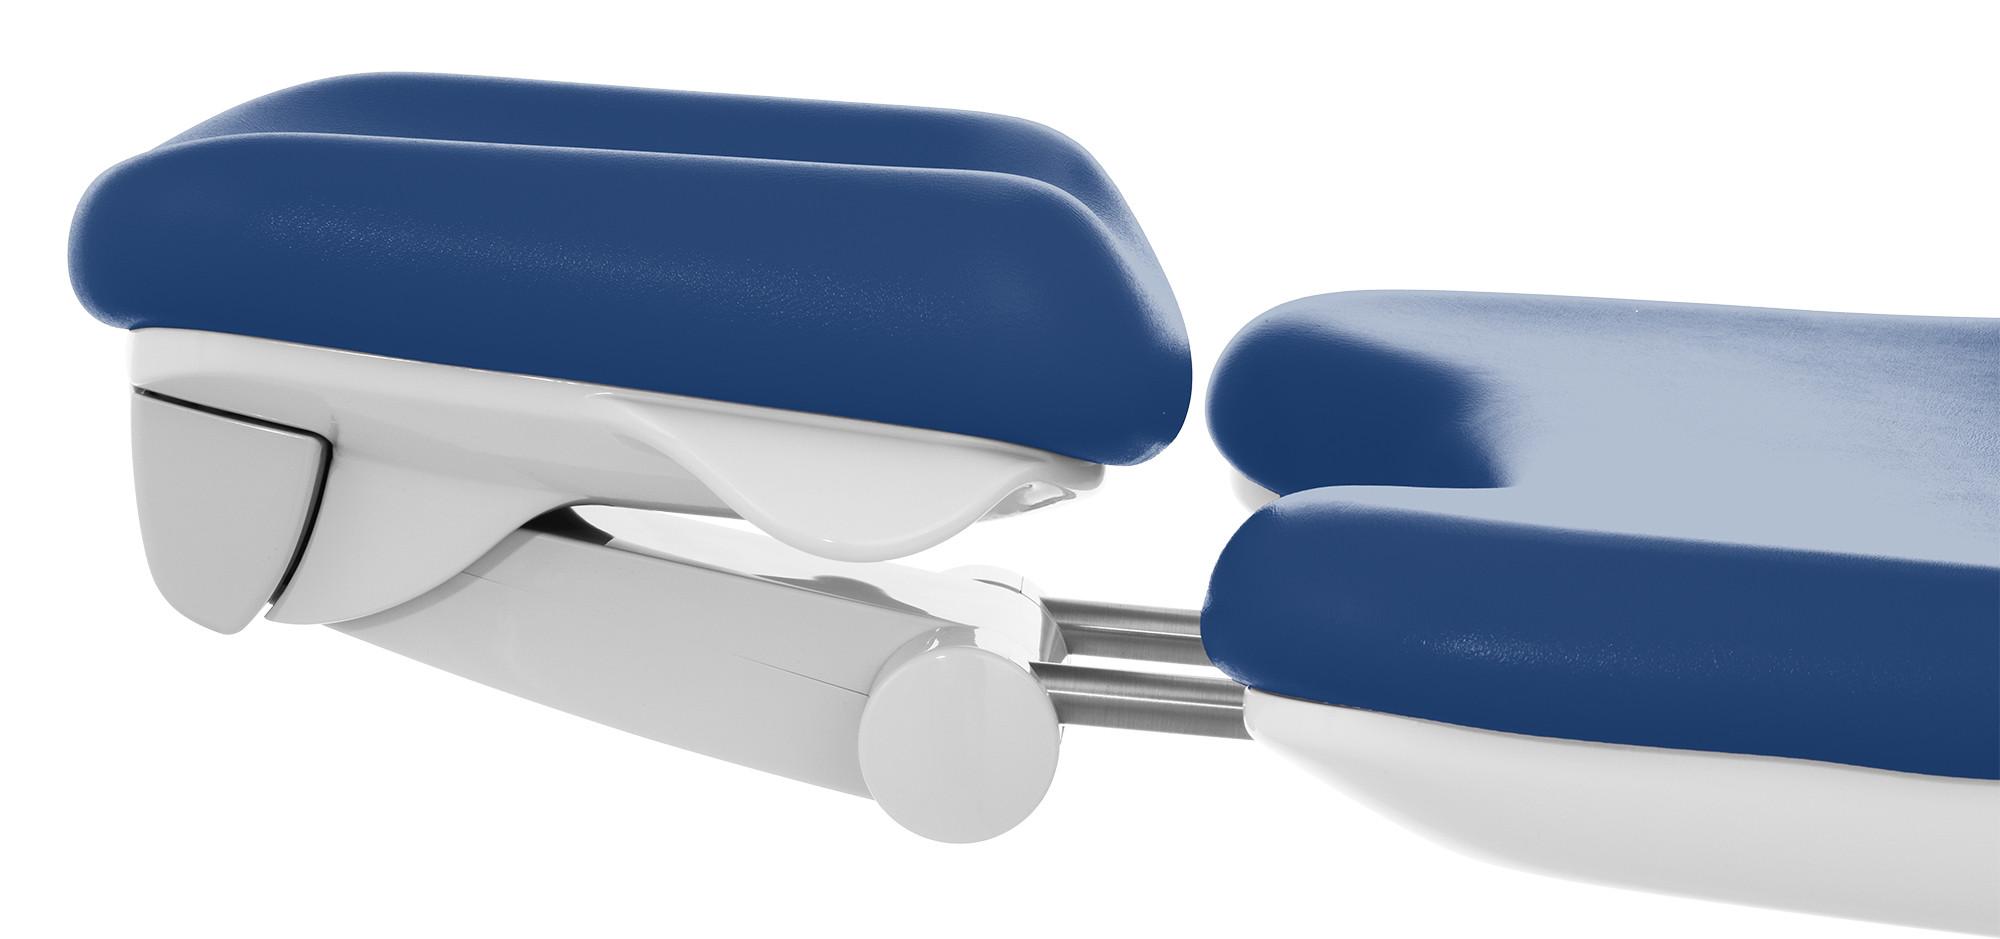 ESTETICA E70/E80 Sillones dentales